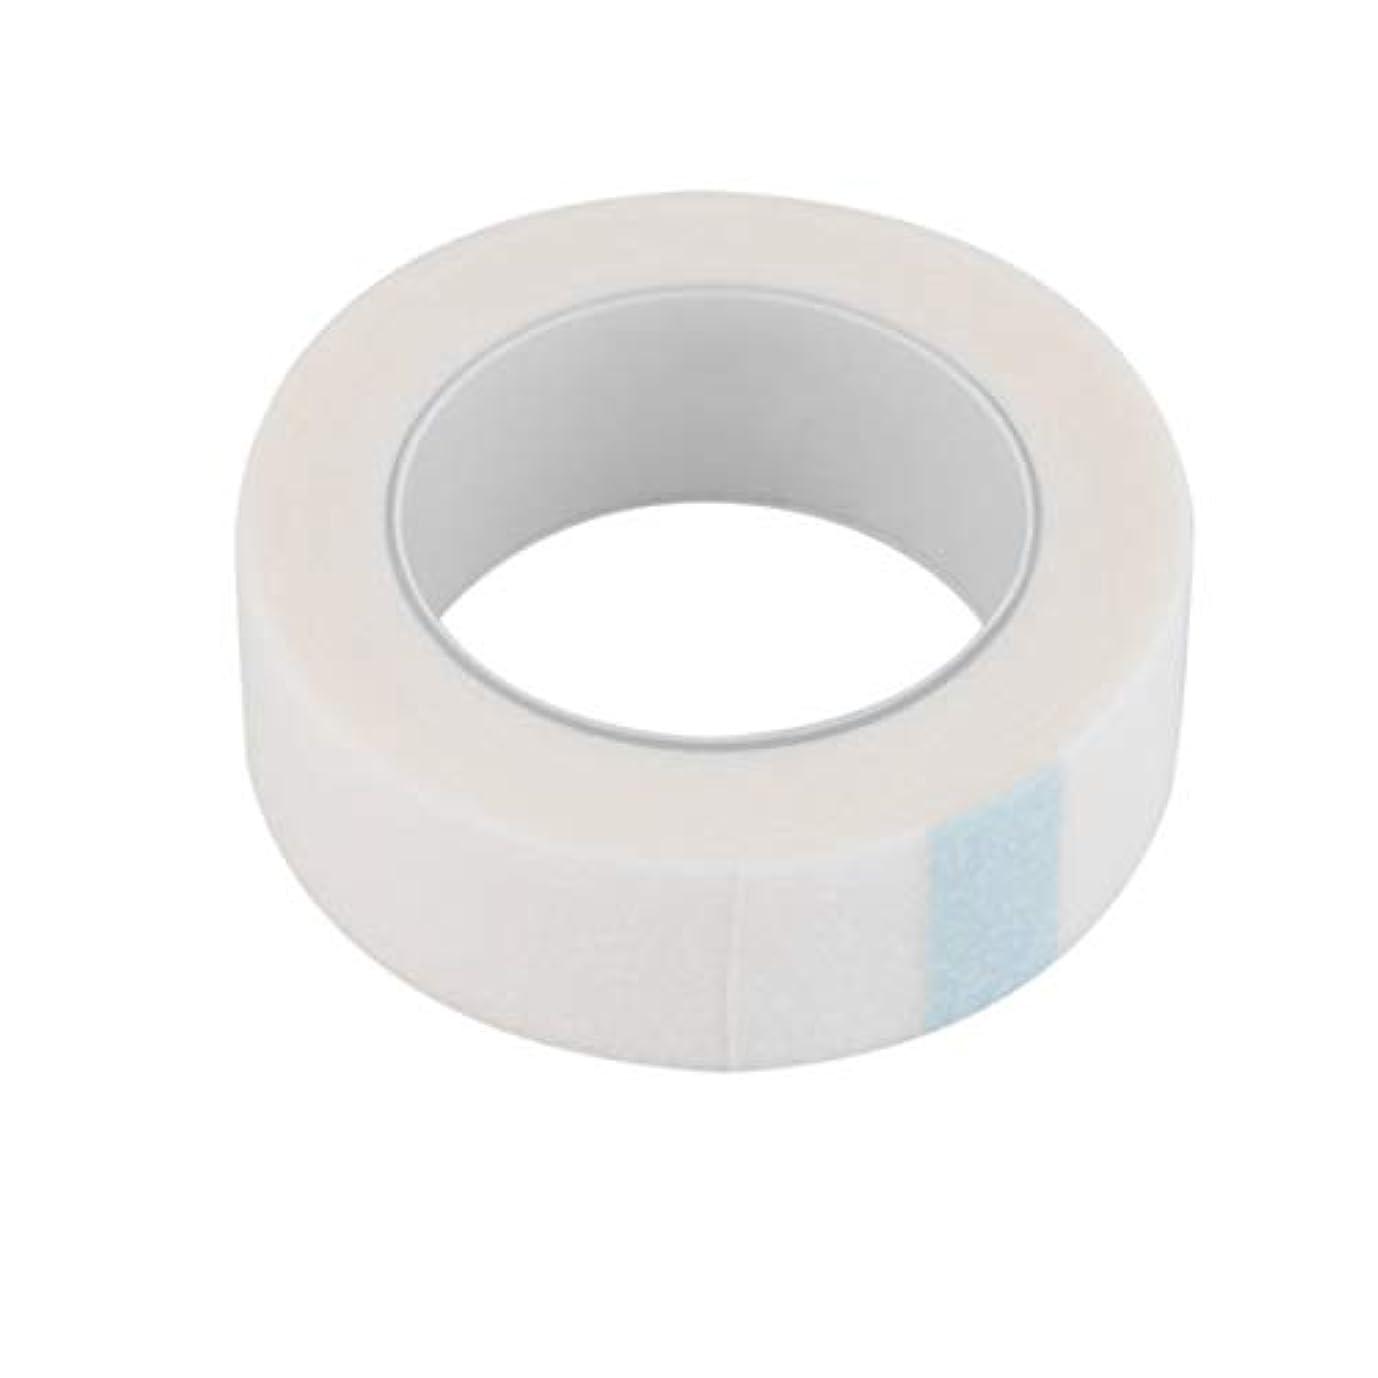 豆定義する主人Intercorey 1ロール個々のまつげエクステンションツール供給医療テープ医療まつげエクステンションミクロ孔紙化粧